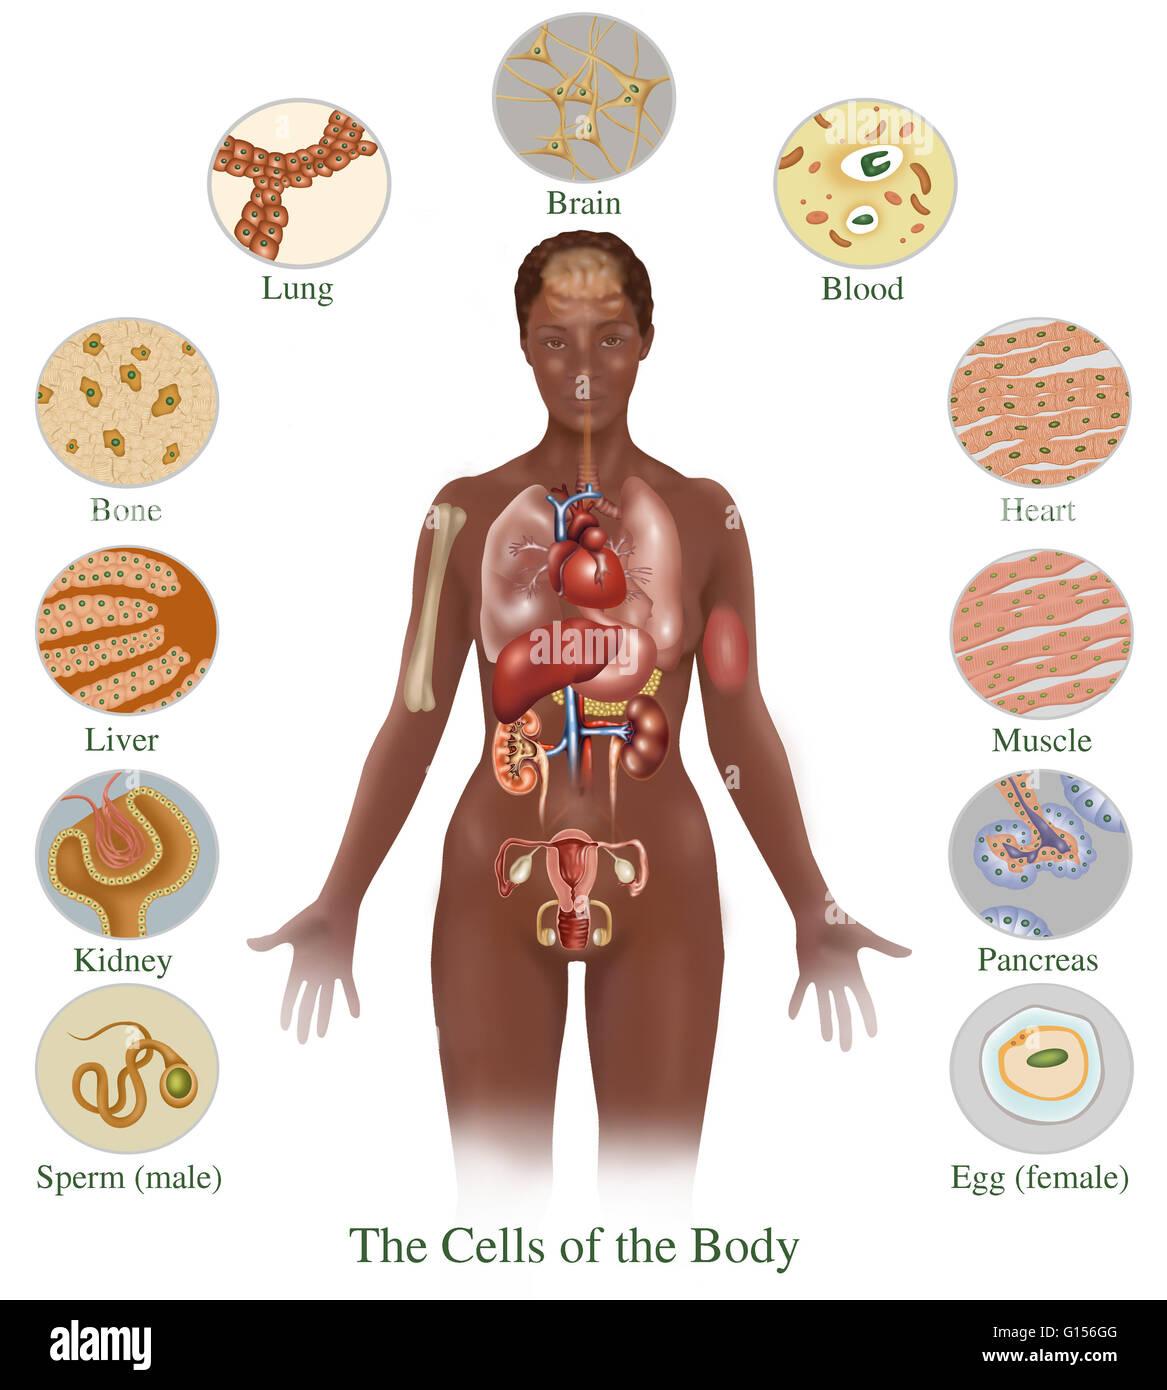 Abbildung detailliert die verschiedenen Zellen im menschlichen ...